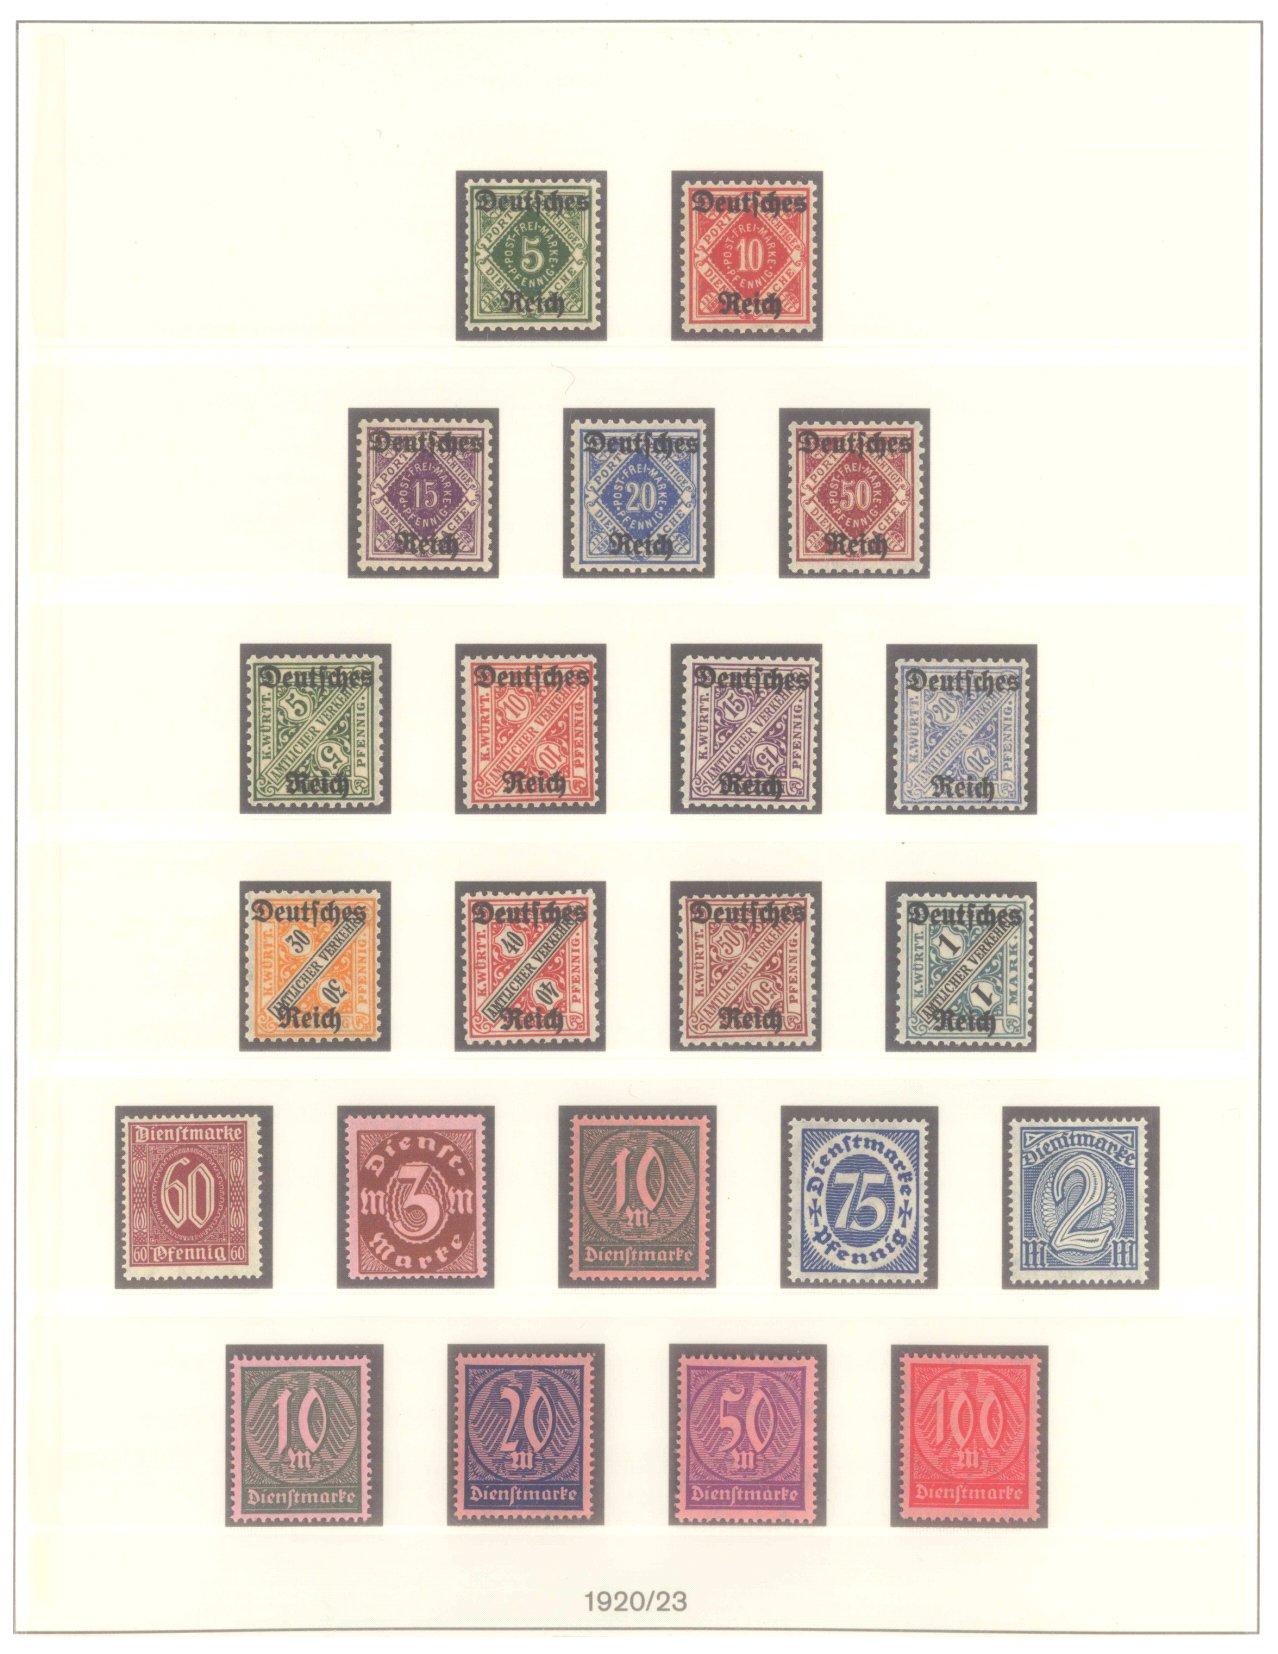 DEUTSCHES REICH INFLATIONSZEIT 1920-1923, Dienstmarken-2